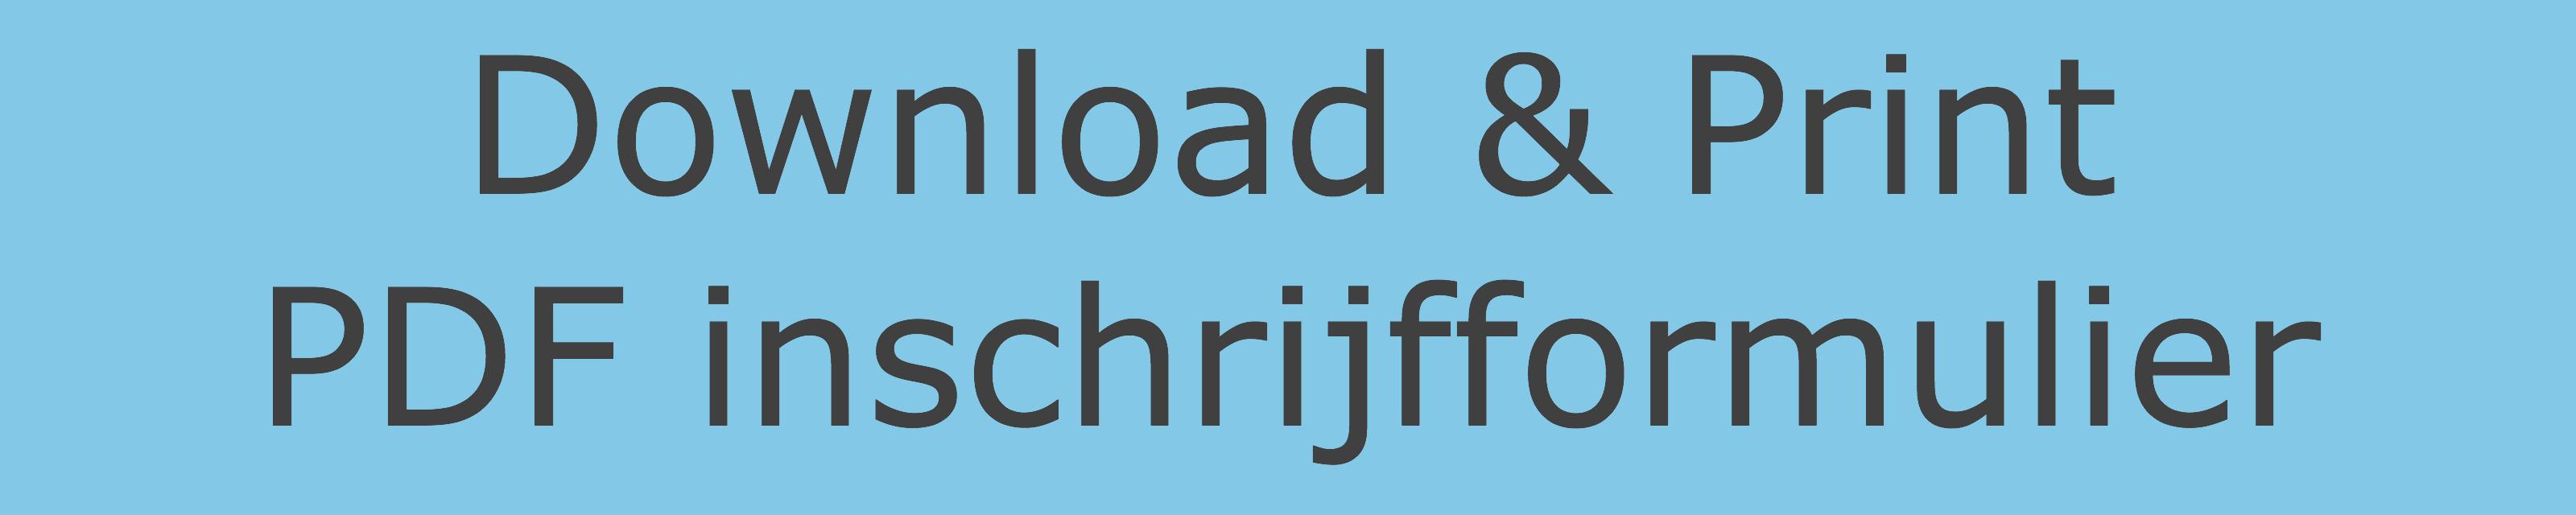 Download en print PDF Inschrijfformulier